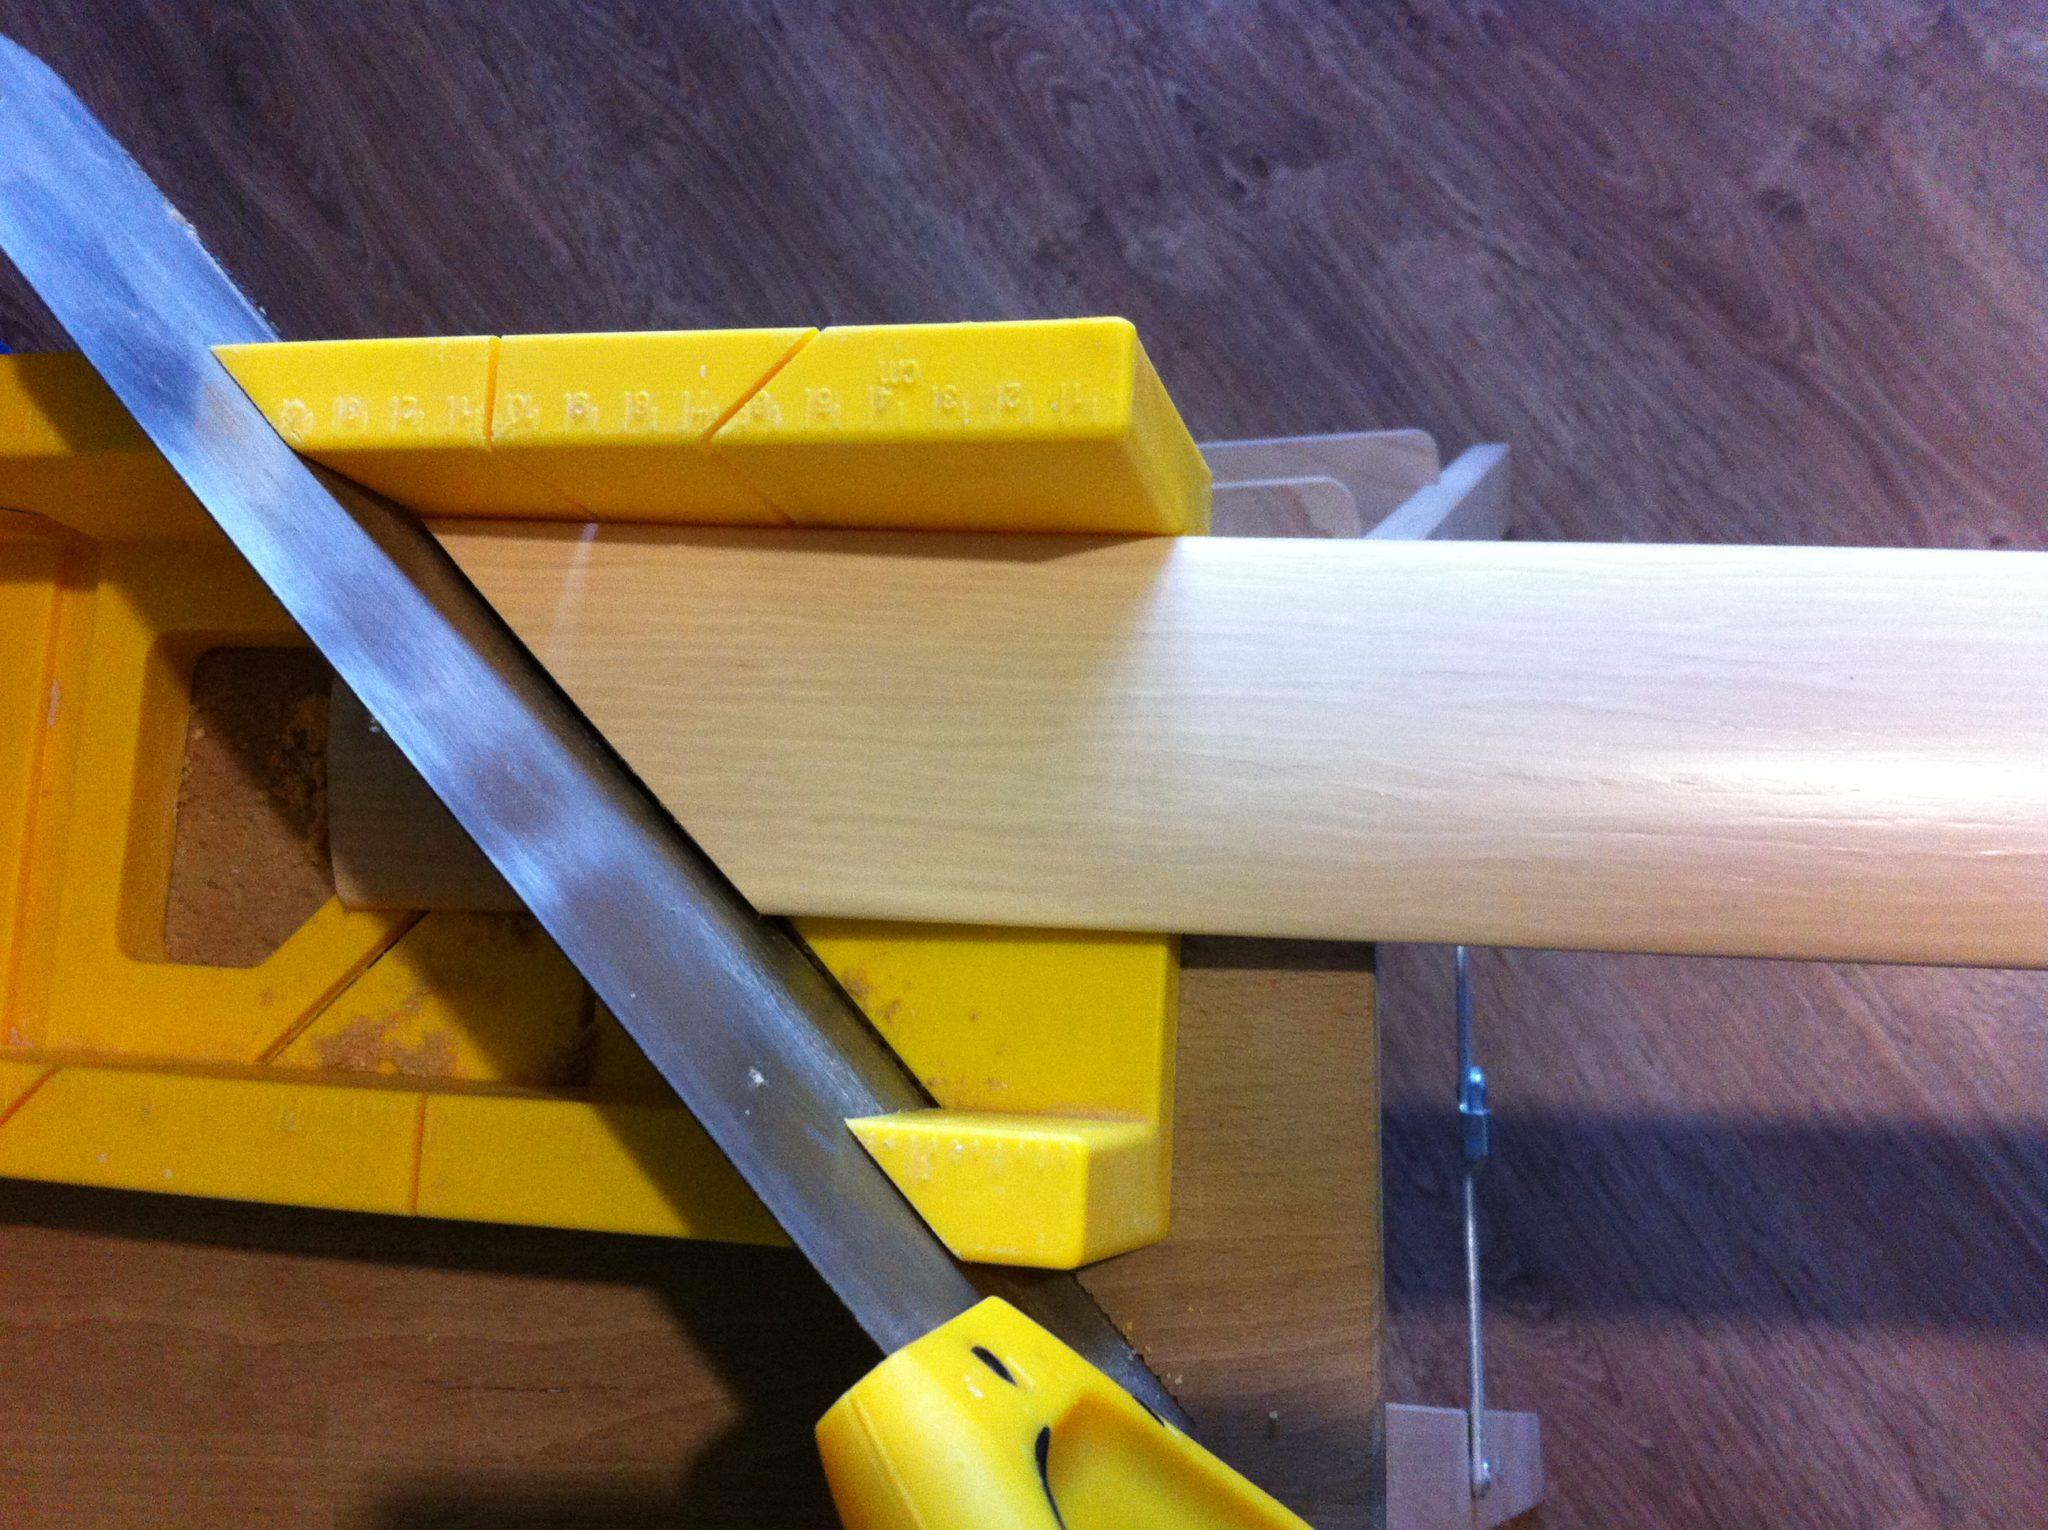 Что такое стусло для плинтуса: как им правильно пользоваться, как изготовить самостоятельно